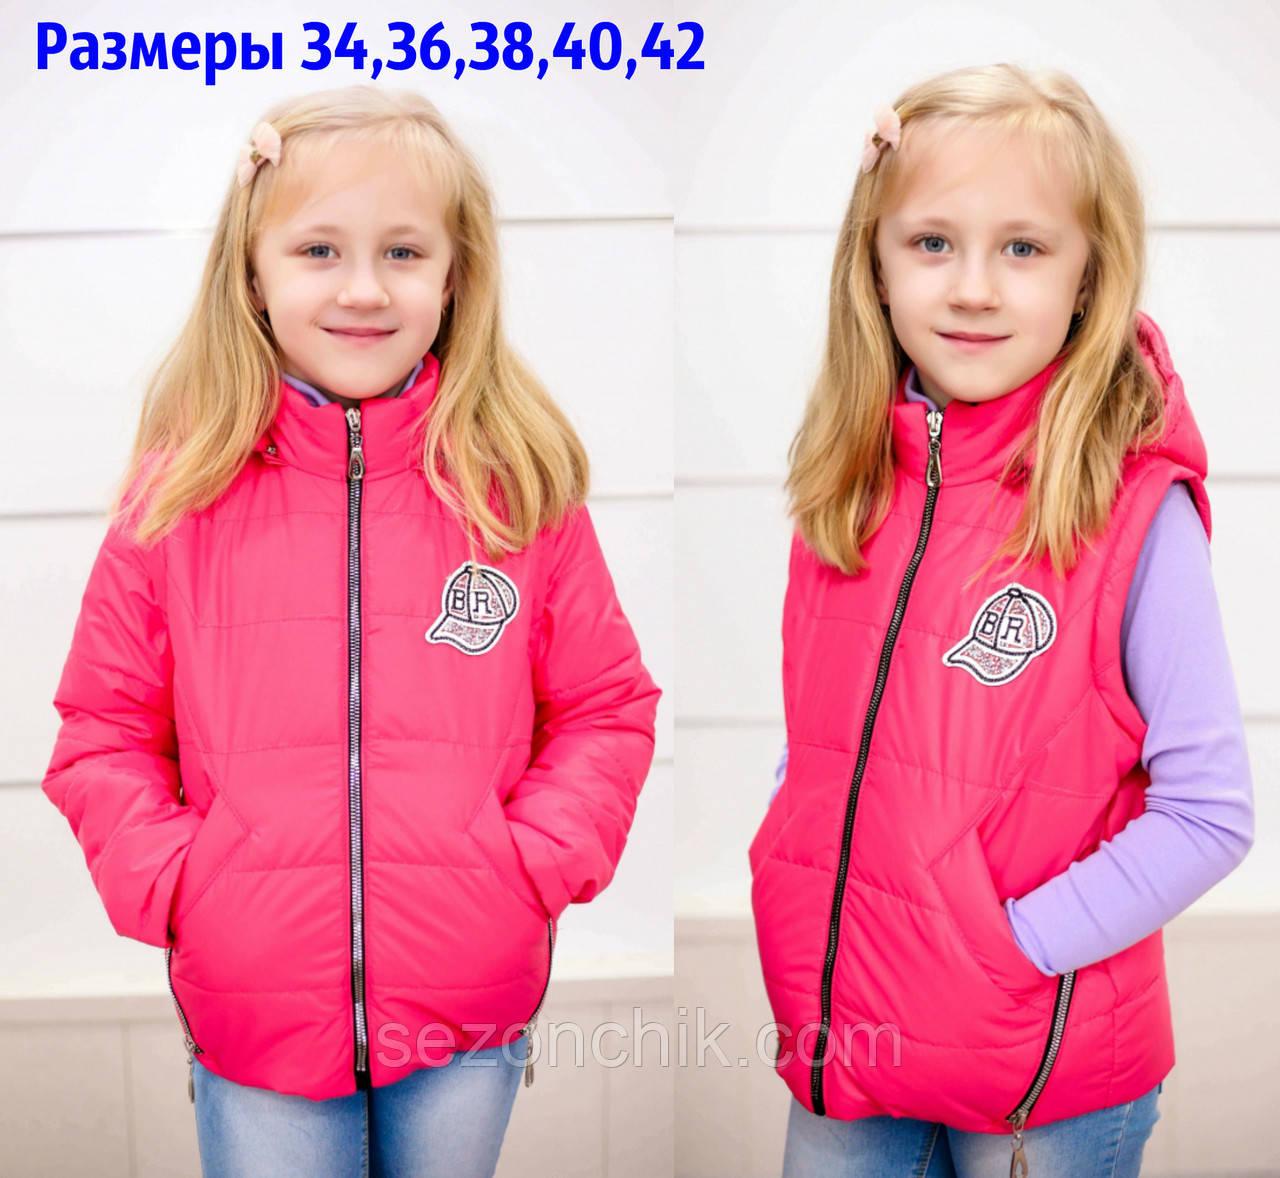 Куртки жилетки на девочек яркие интернет магазин